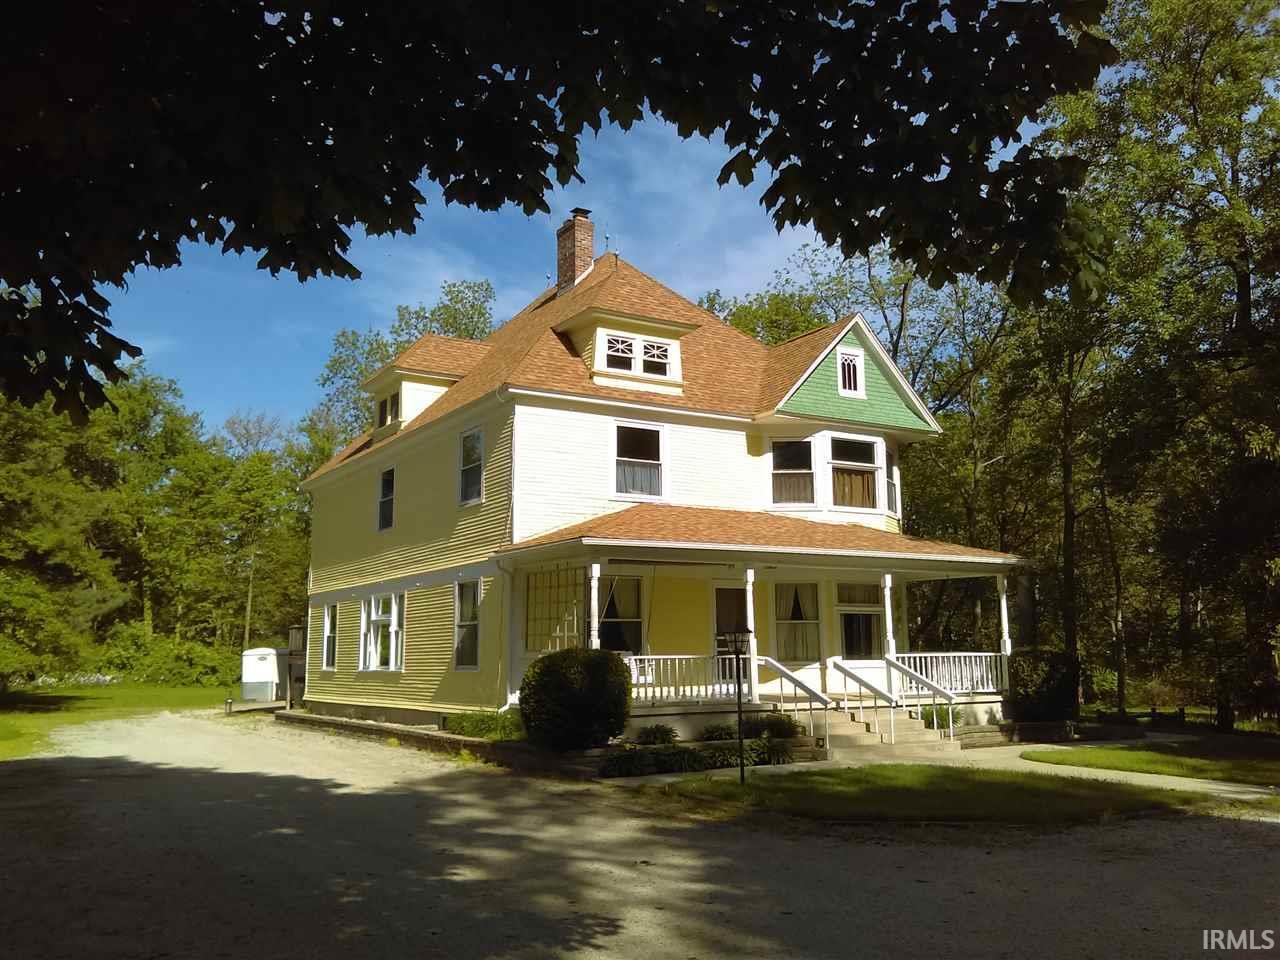 11007 N State Road 13, Syracuse, IN 46567